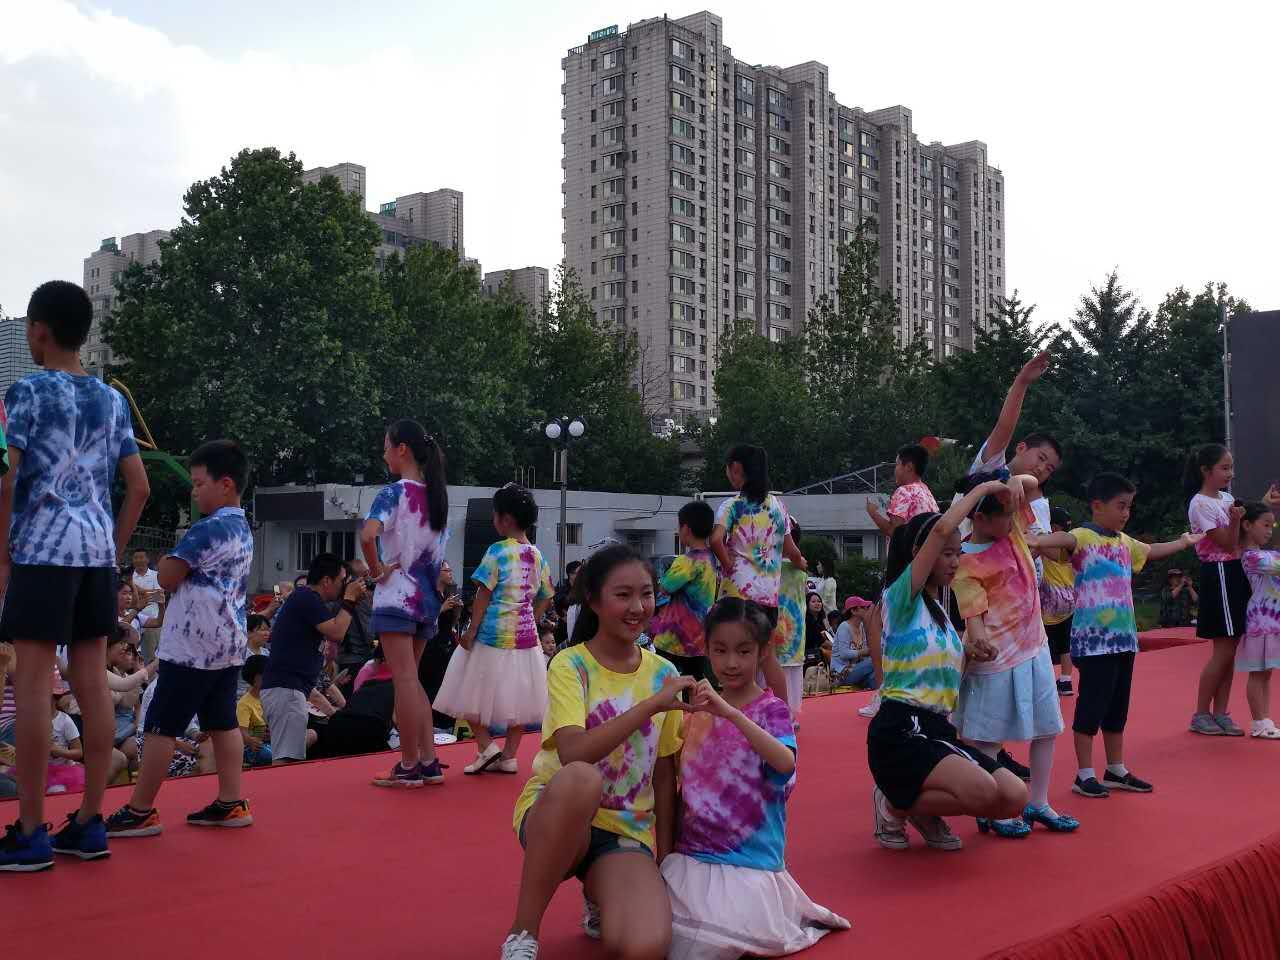 石景山外语实验小学举行扎染七彩童年庆六一暨校园开放日活动